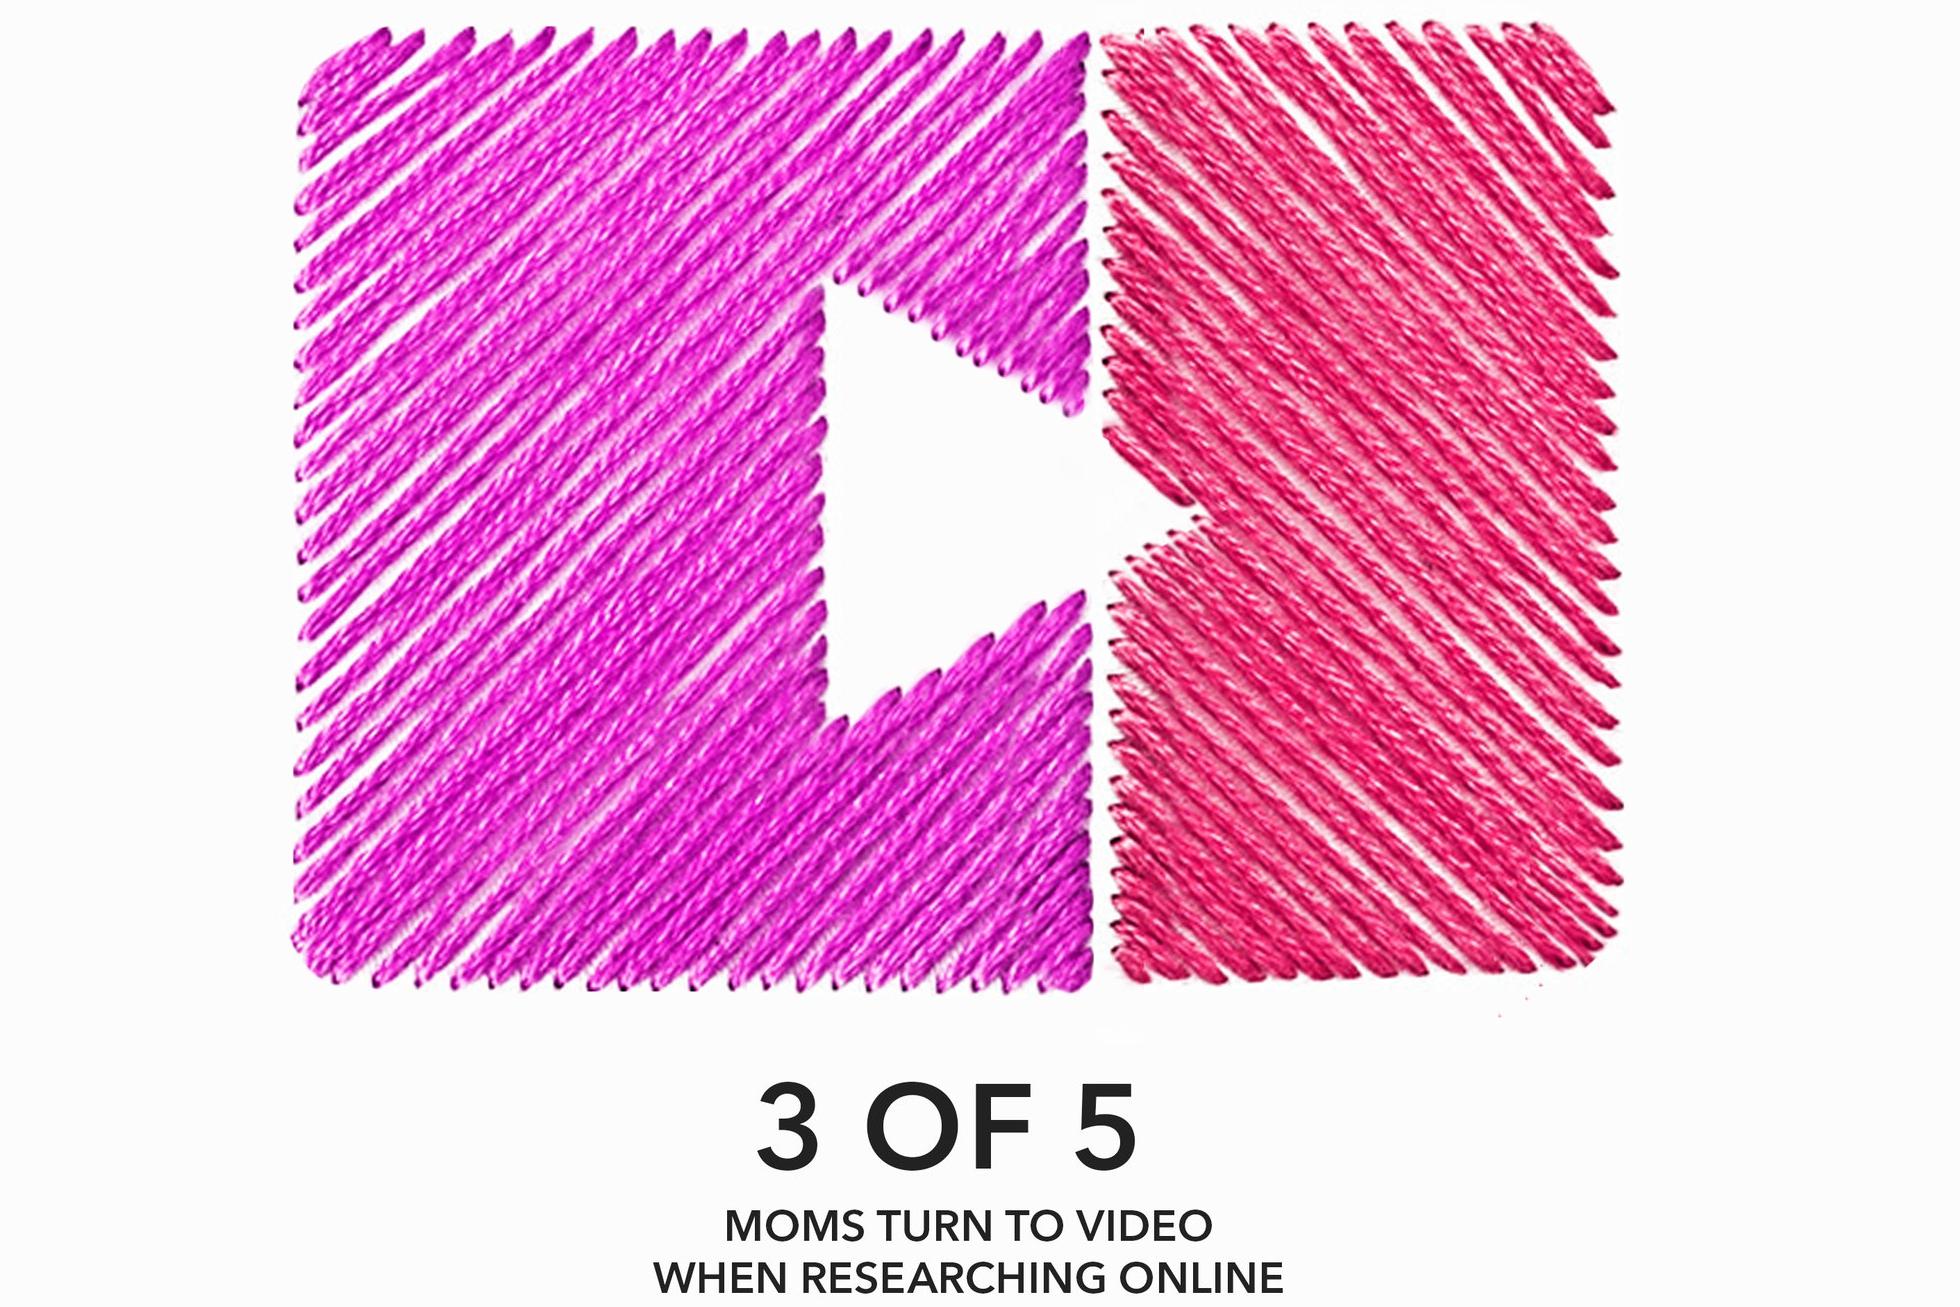 MomStat_Video_1.jpg